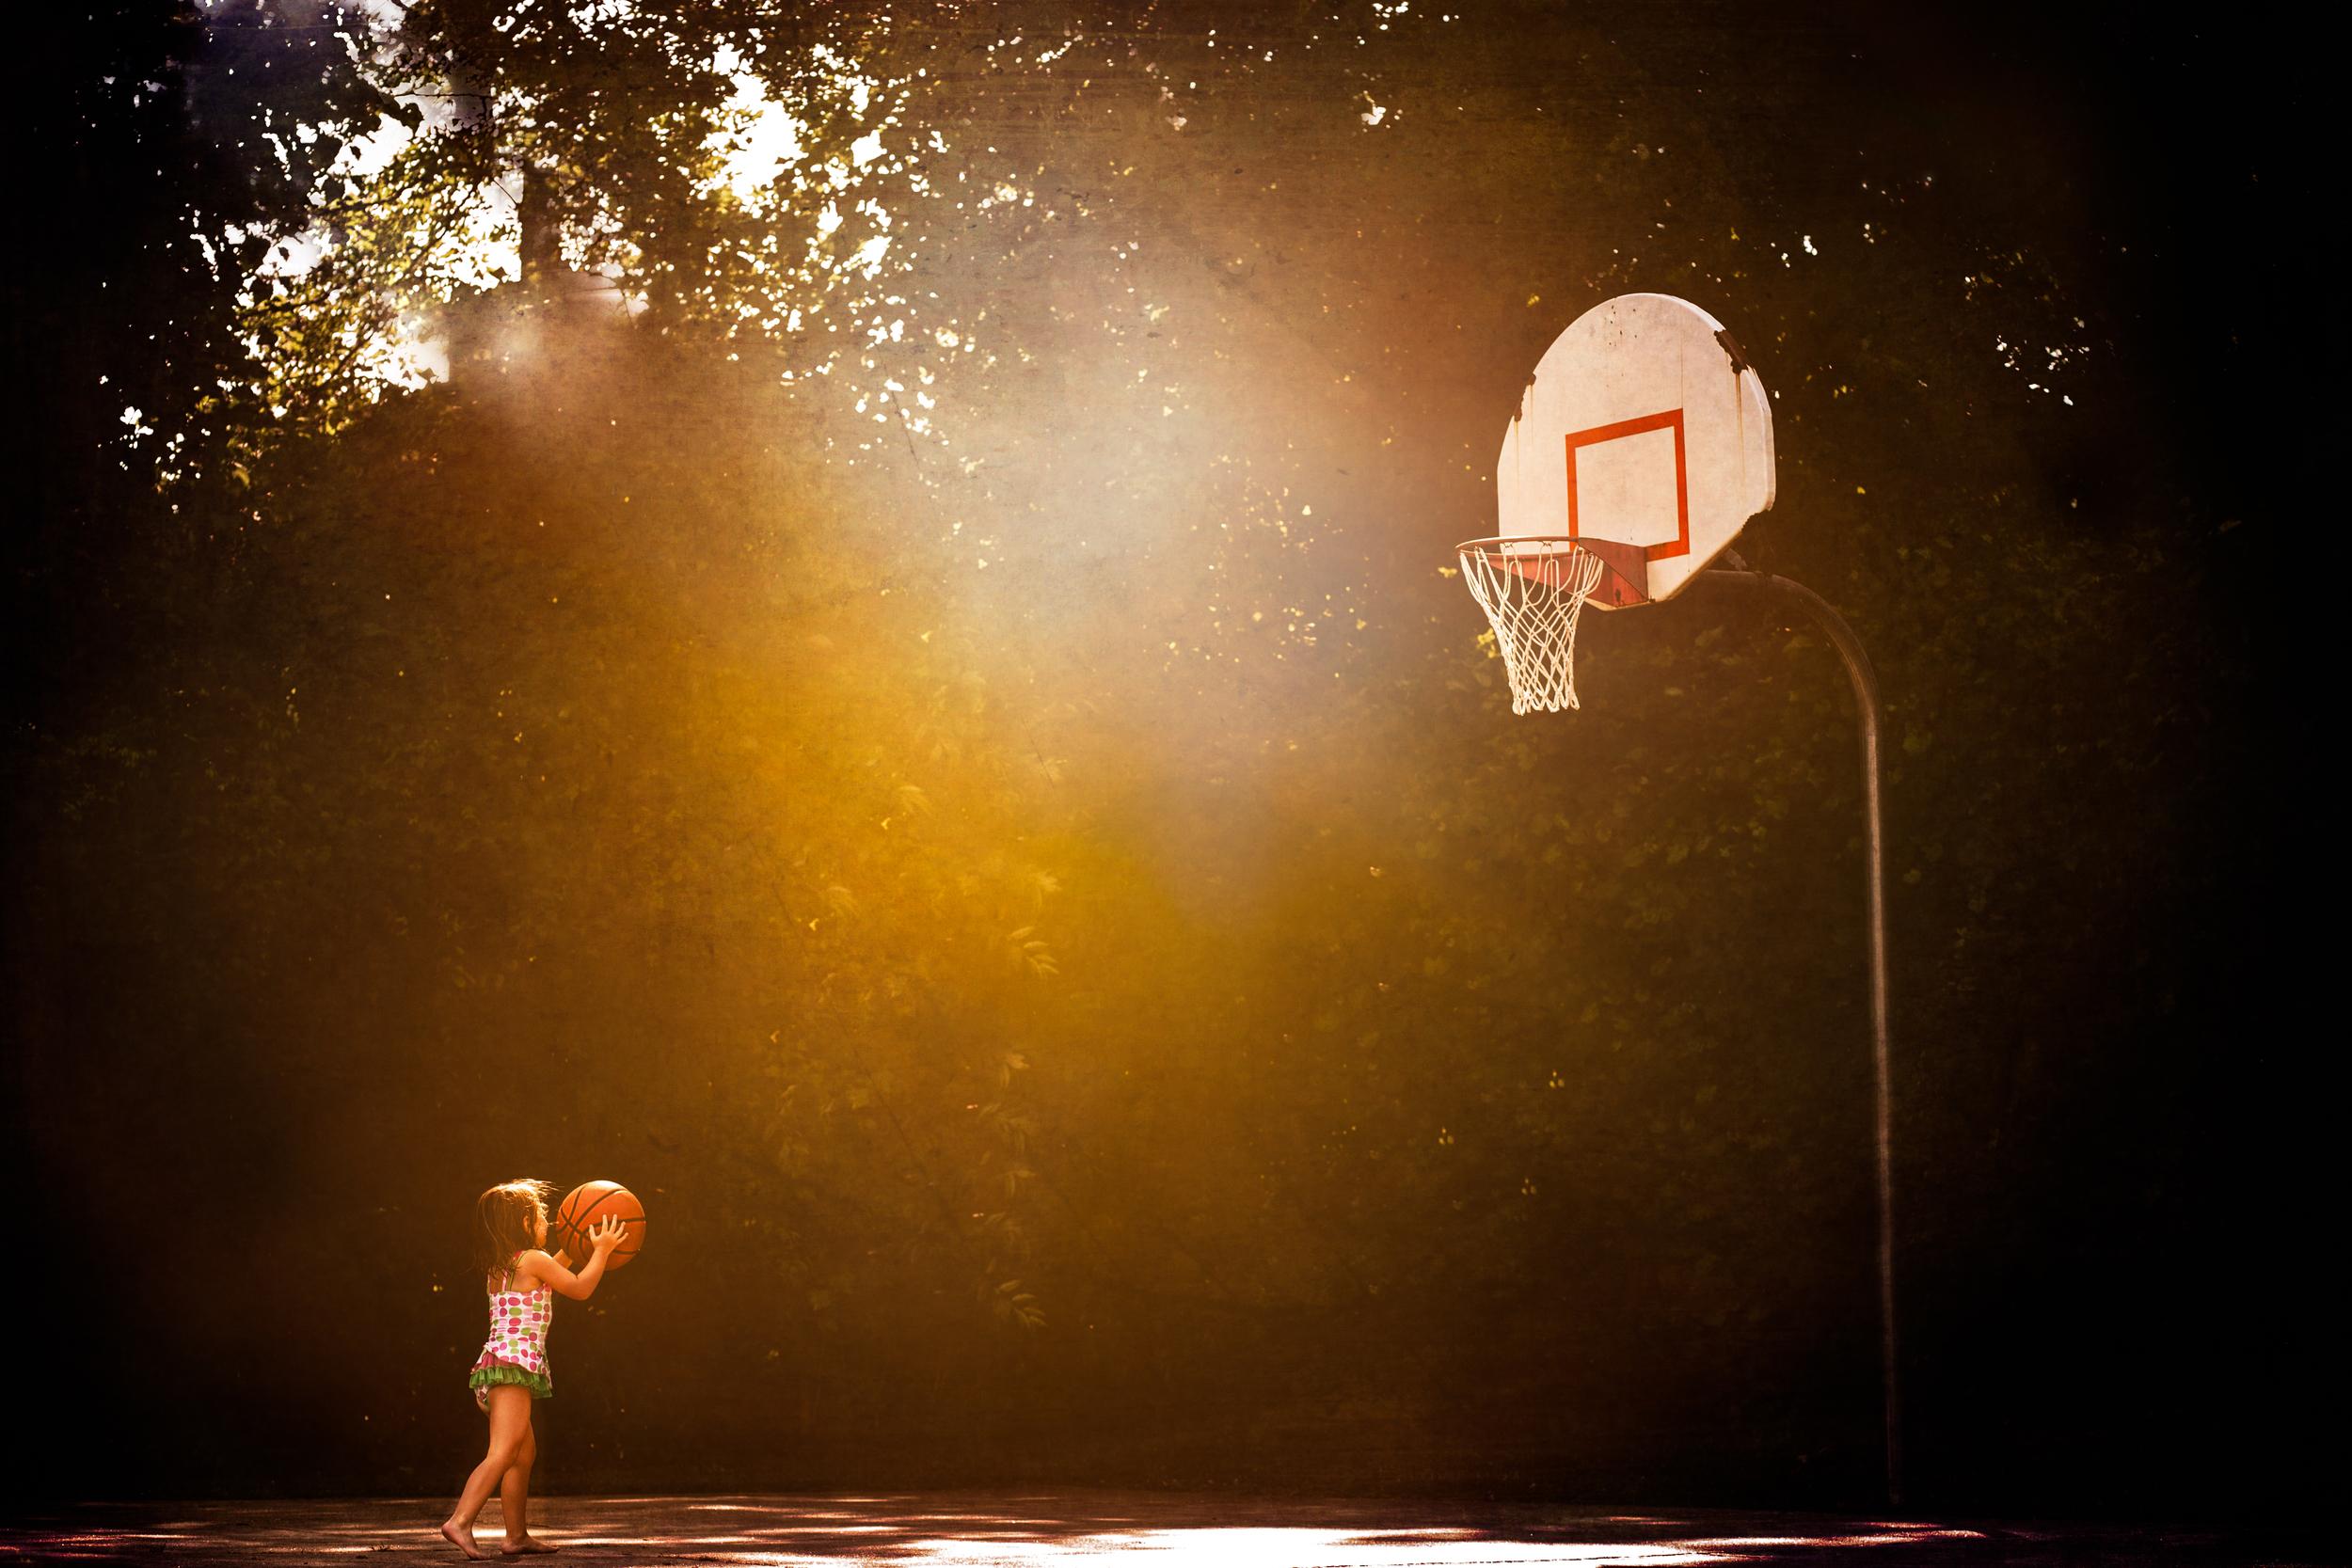 sloane-basketball-3-of-11.jpg